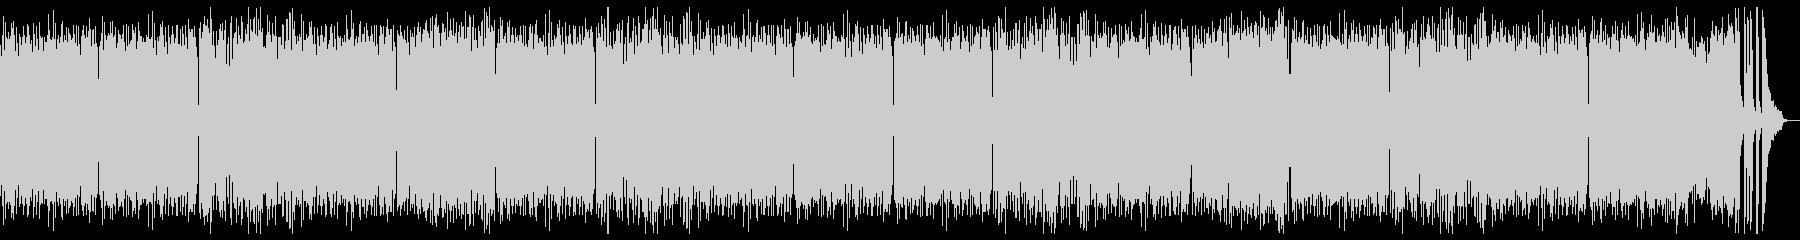 モーツアルト風の優しいピアノ:フル2回の未再生の波形